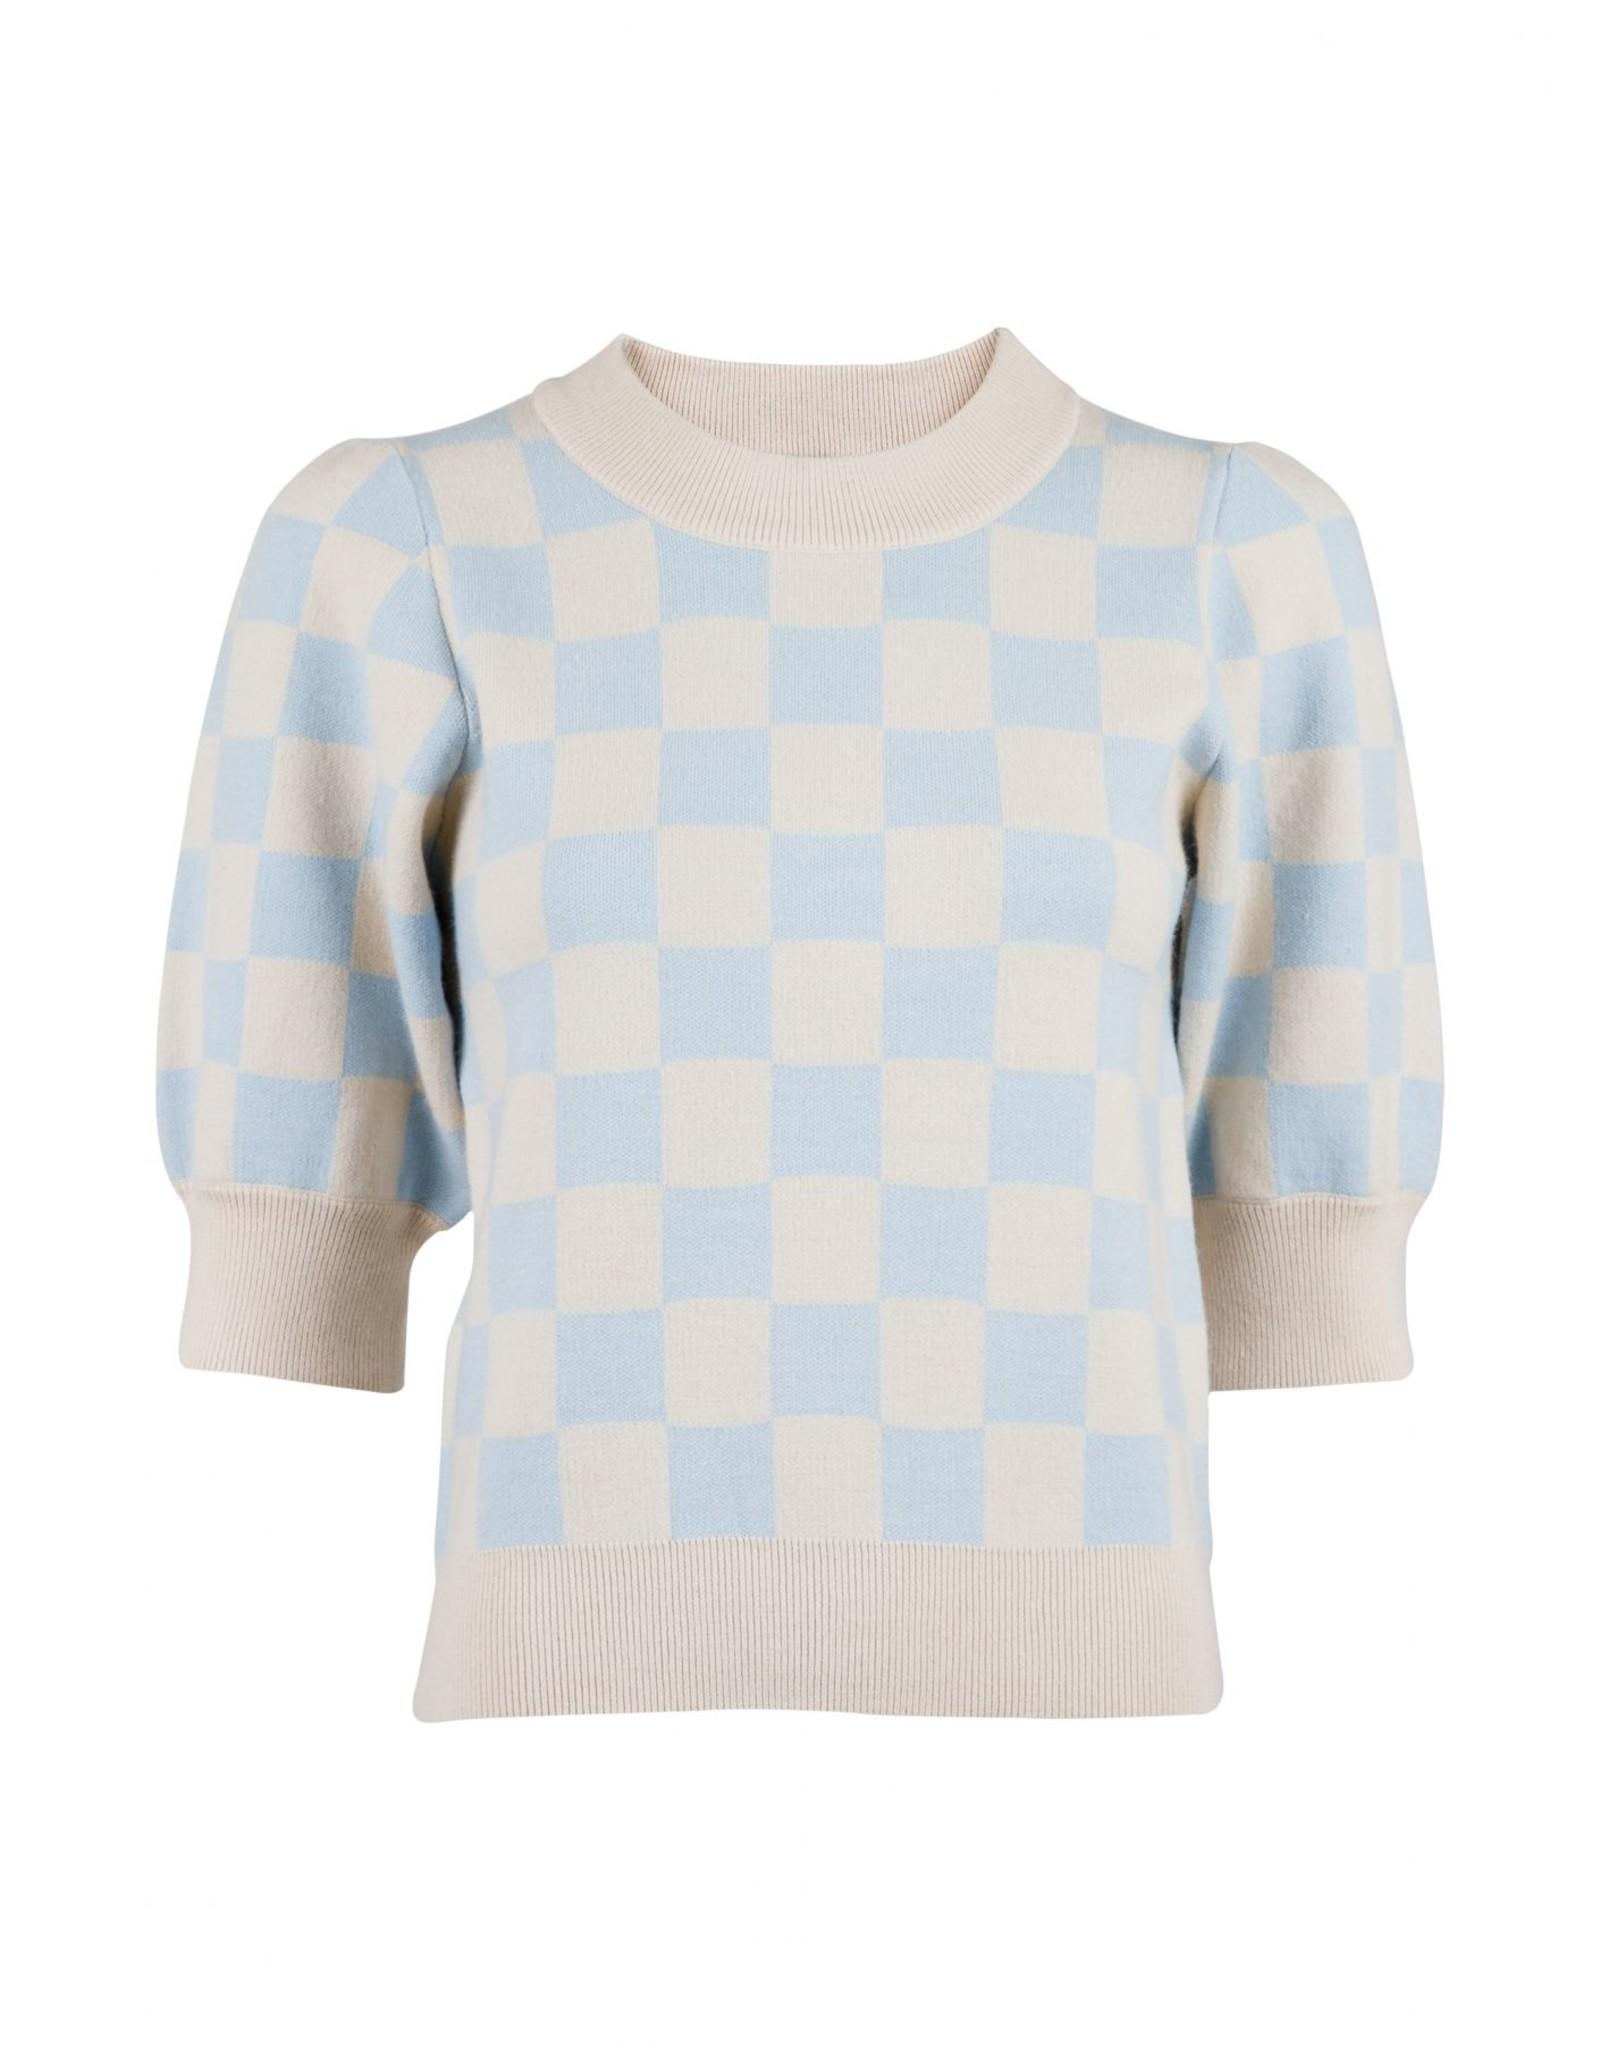 Pull 'Abi Chess' - Blauw